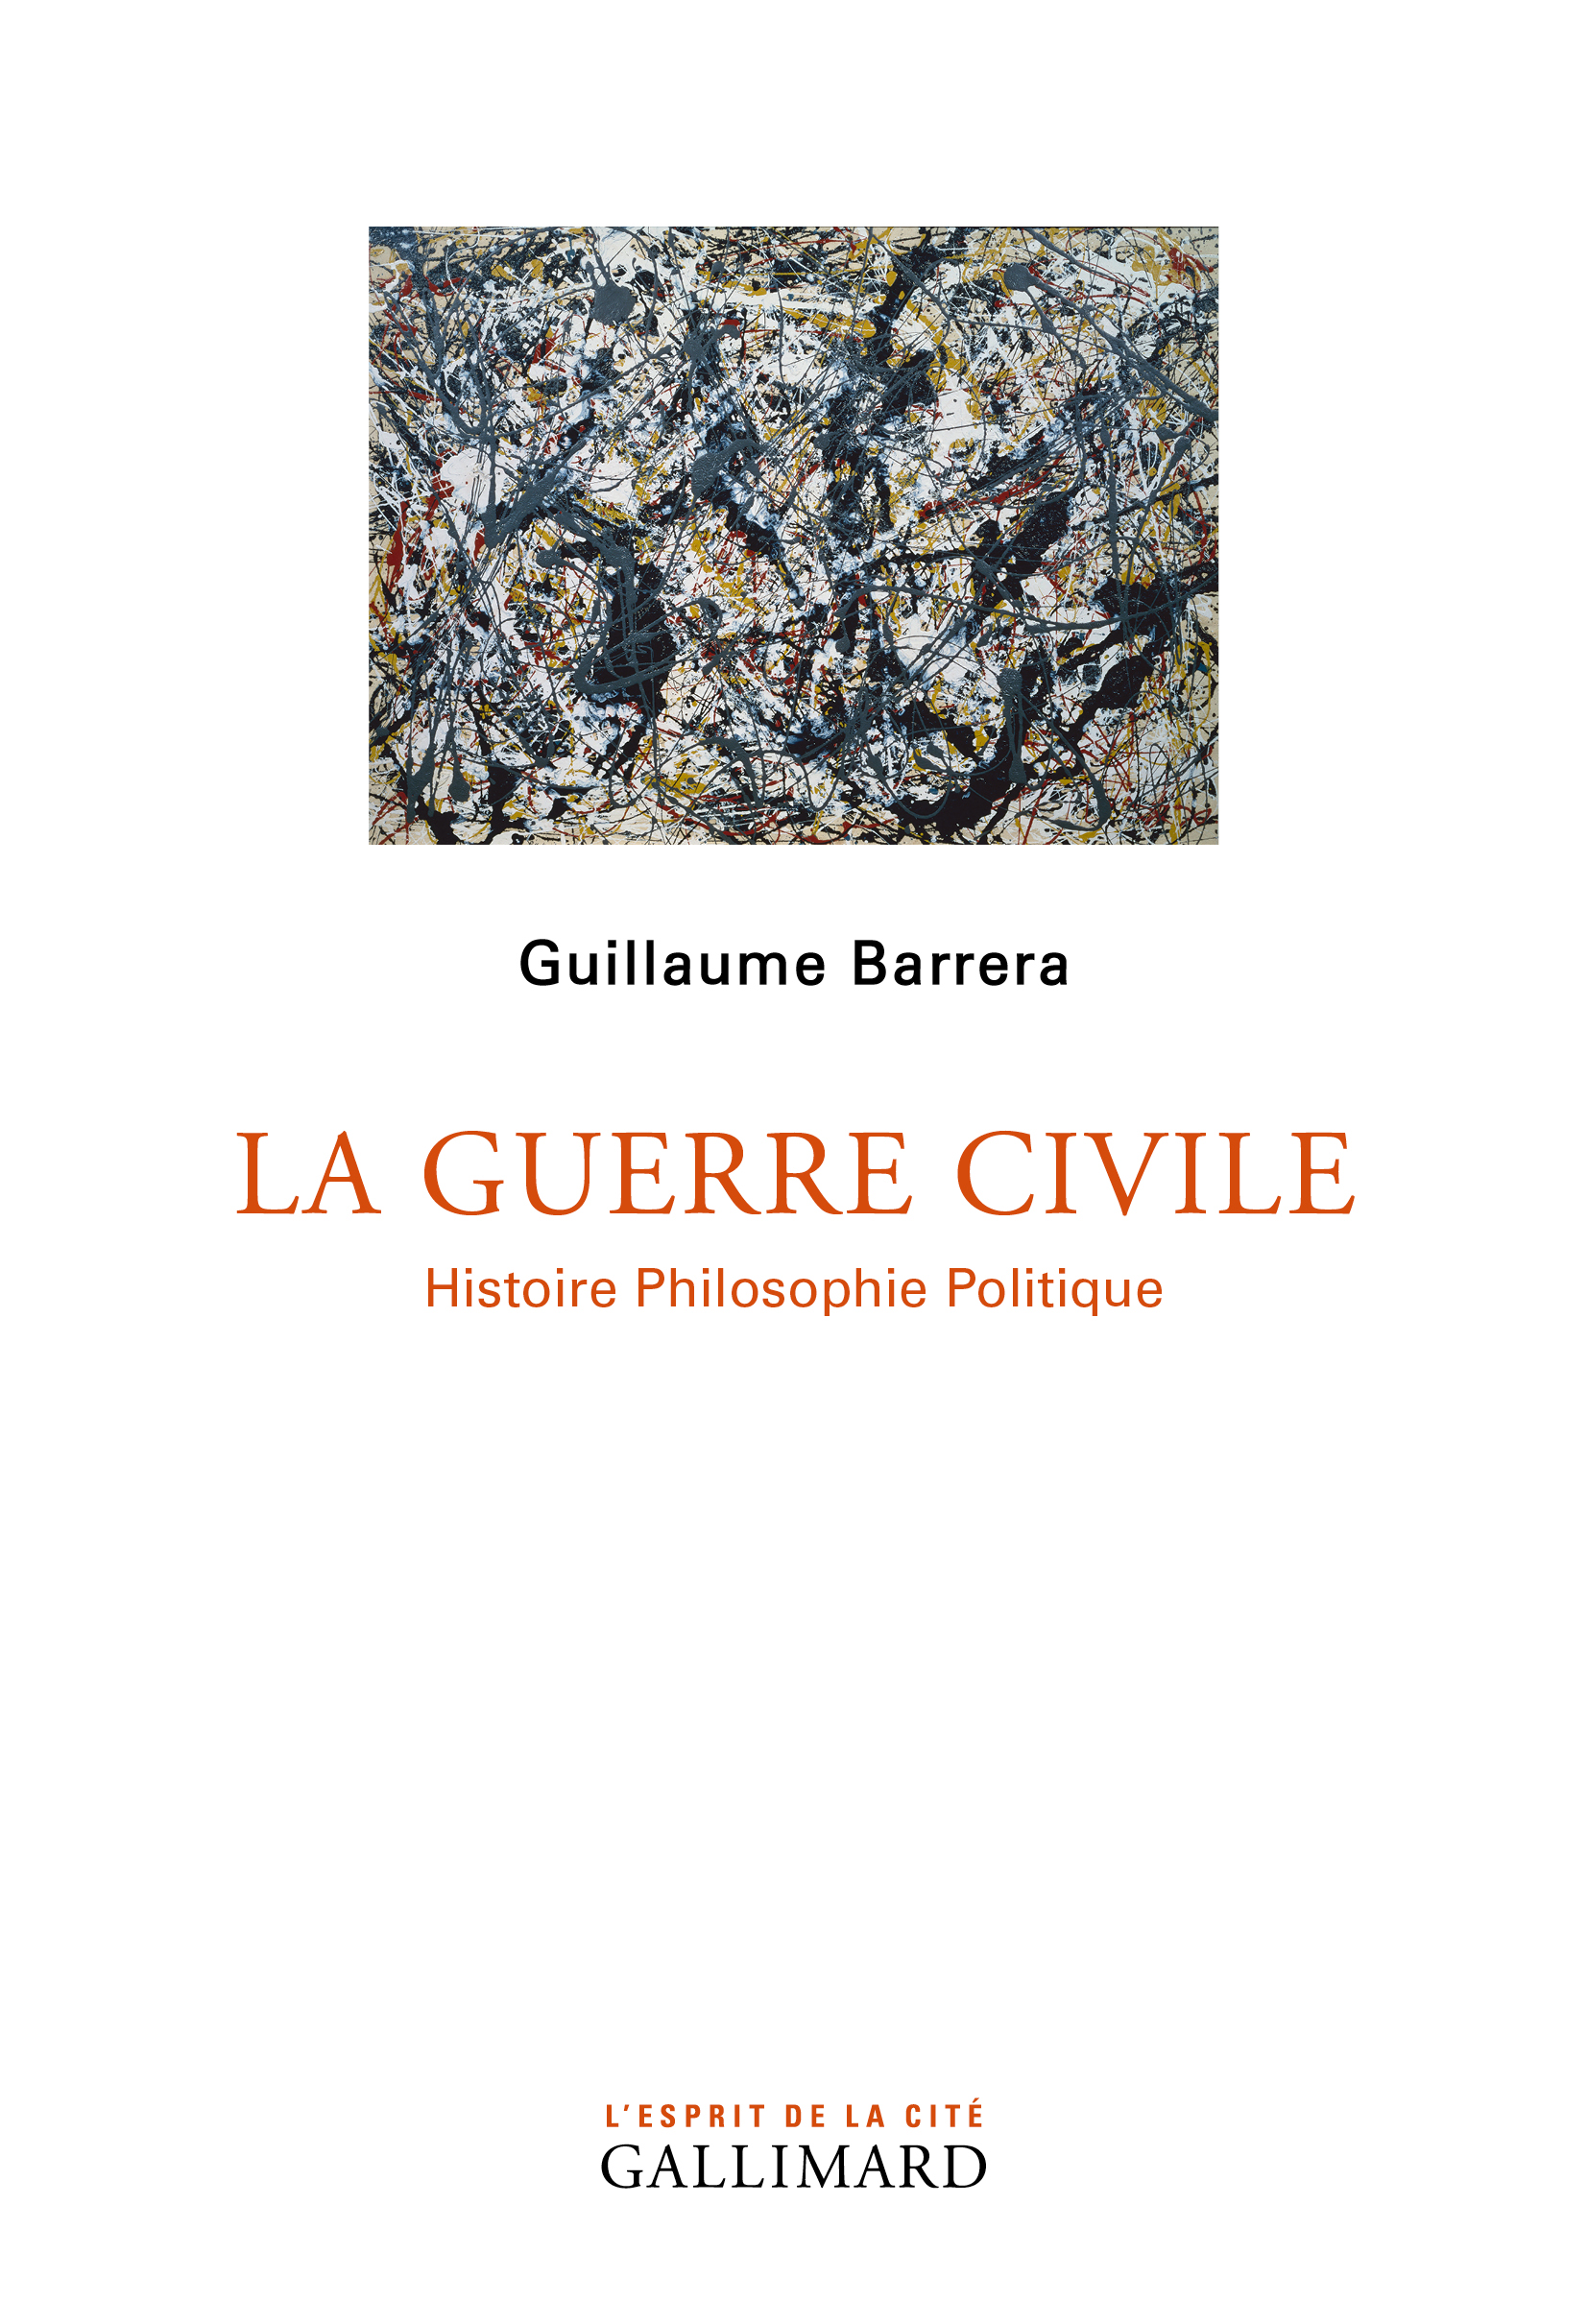 G. Barrera, La Guerre civile. Histoire Philosophie Politique